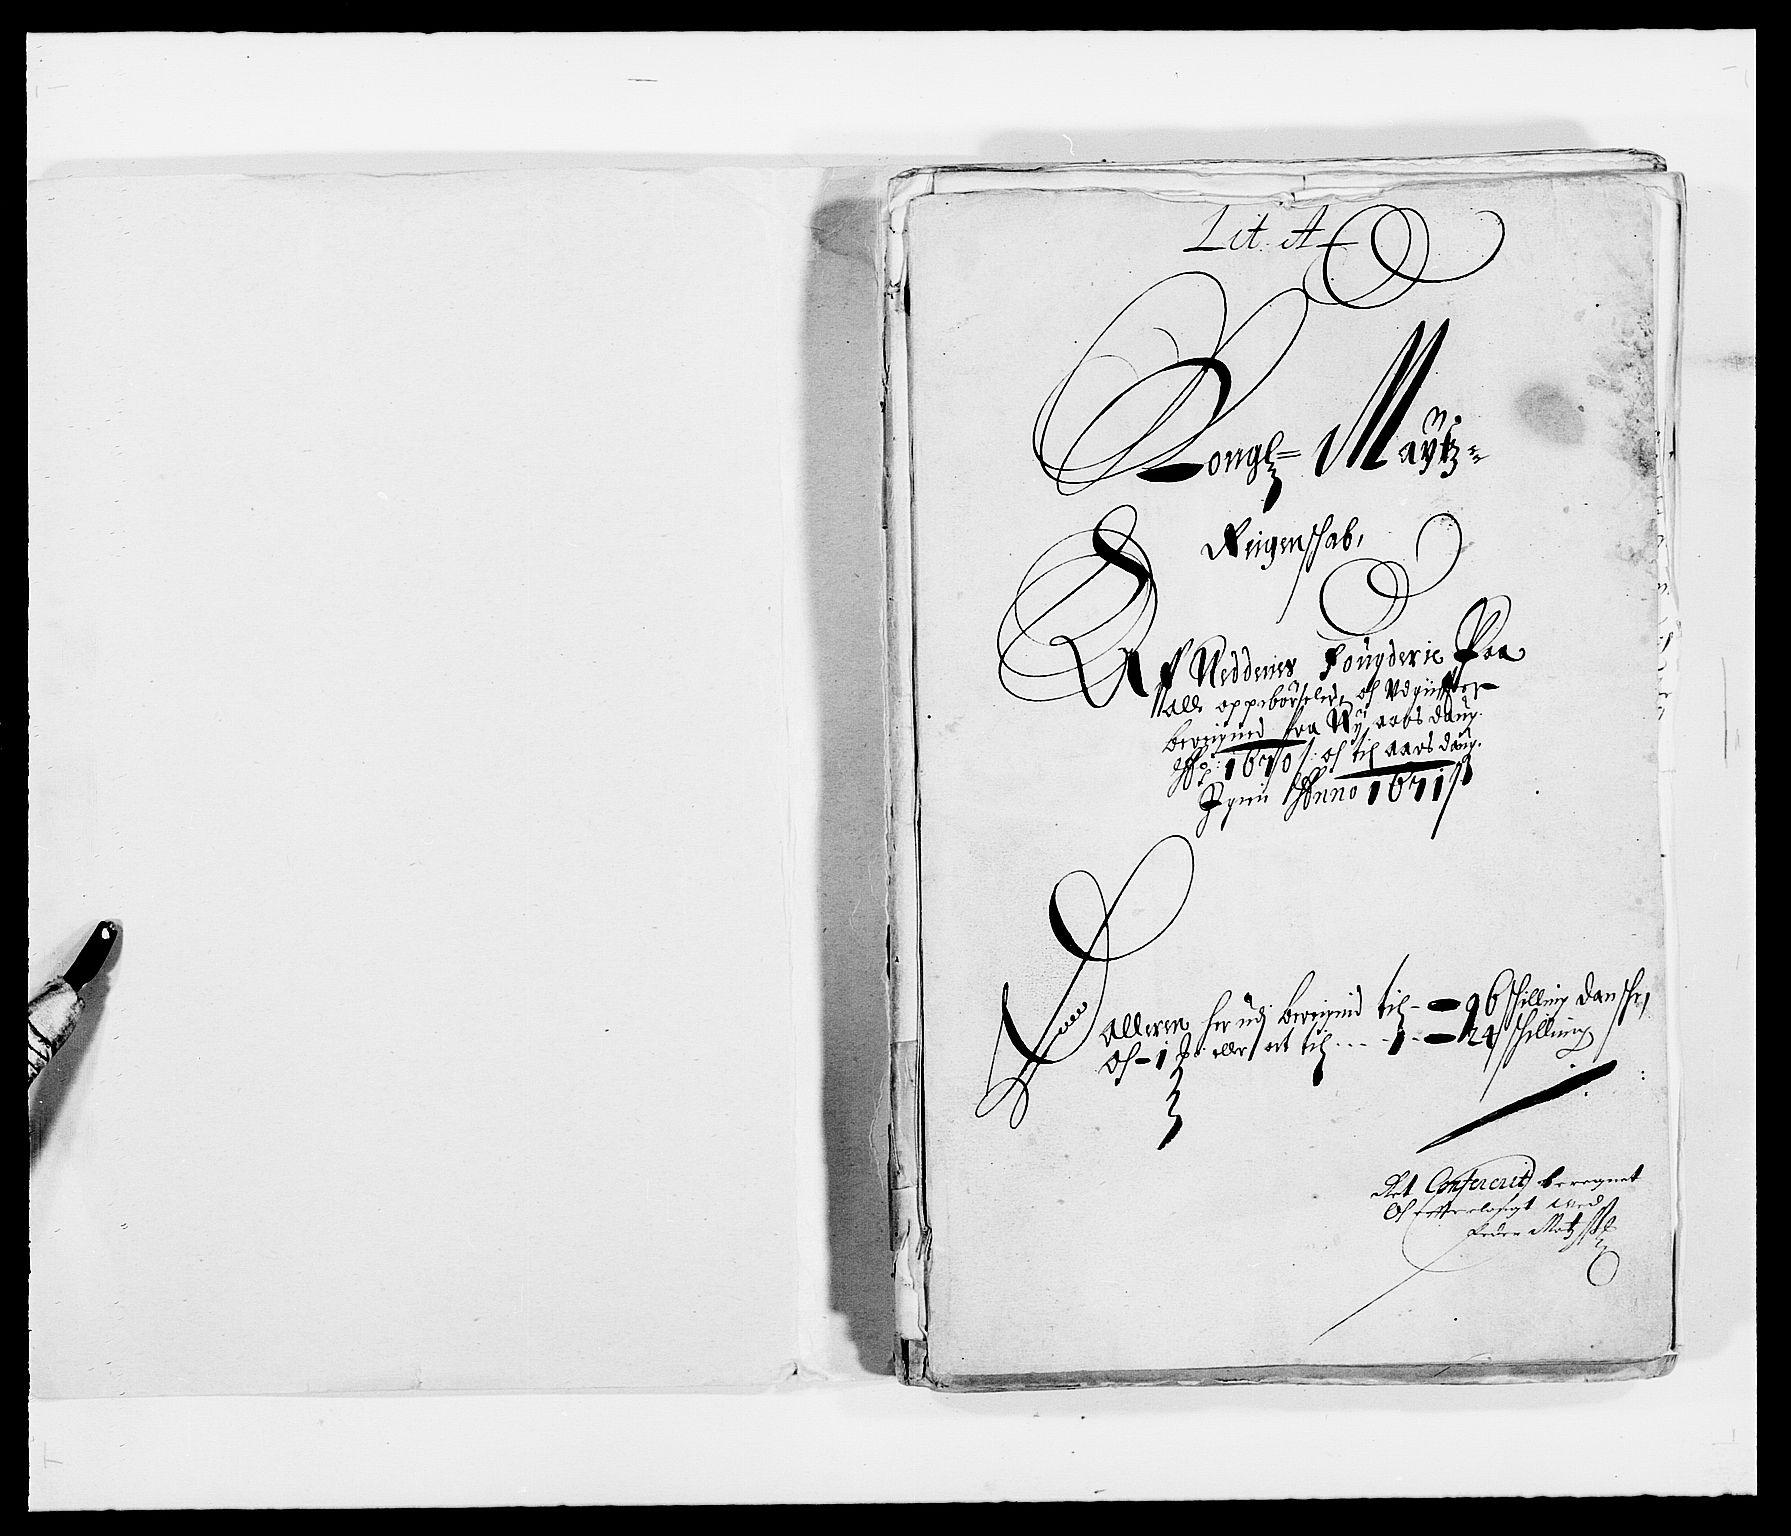 RA, Rentekammeret inntil 1814, Reviderte regnskaper, Fogderegnskap, R39/L2299: Fogderegnskap Nedenes, 1670-1671, s. 2